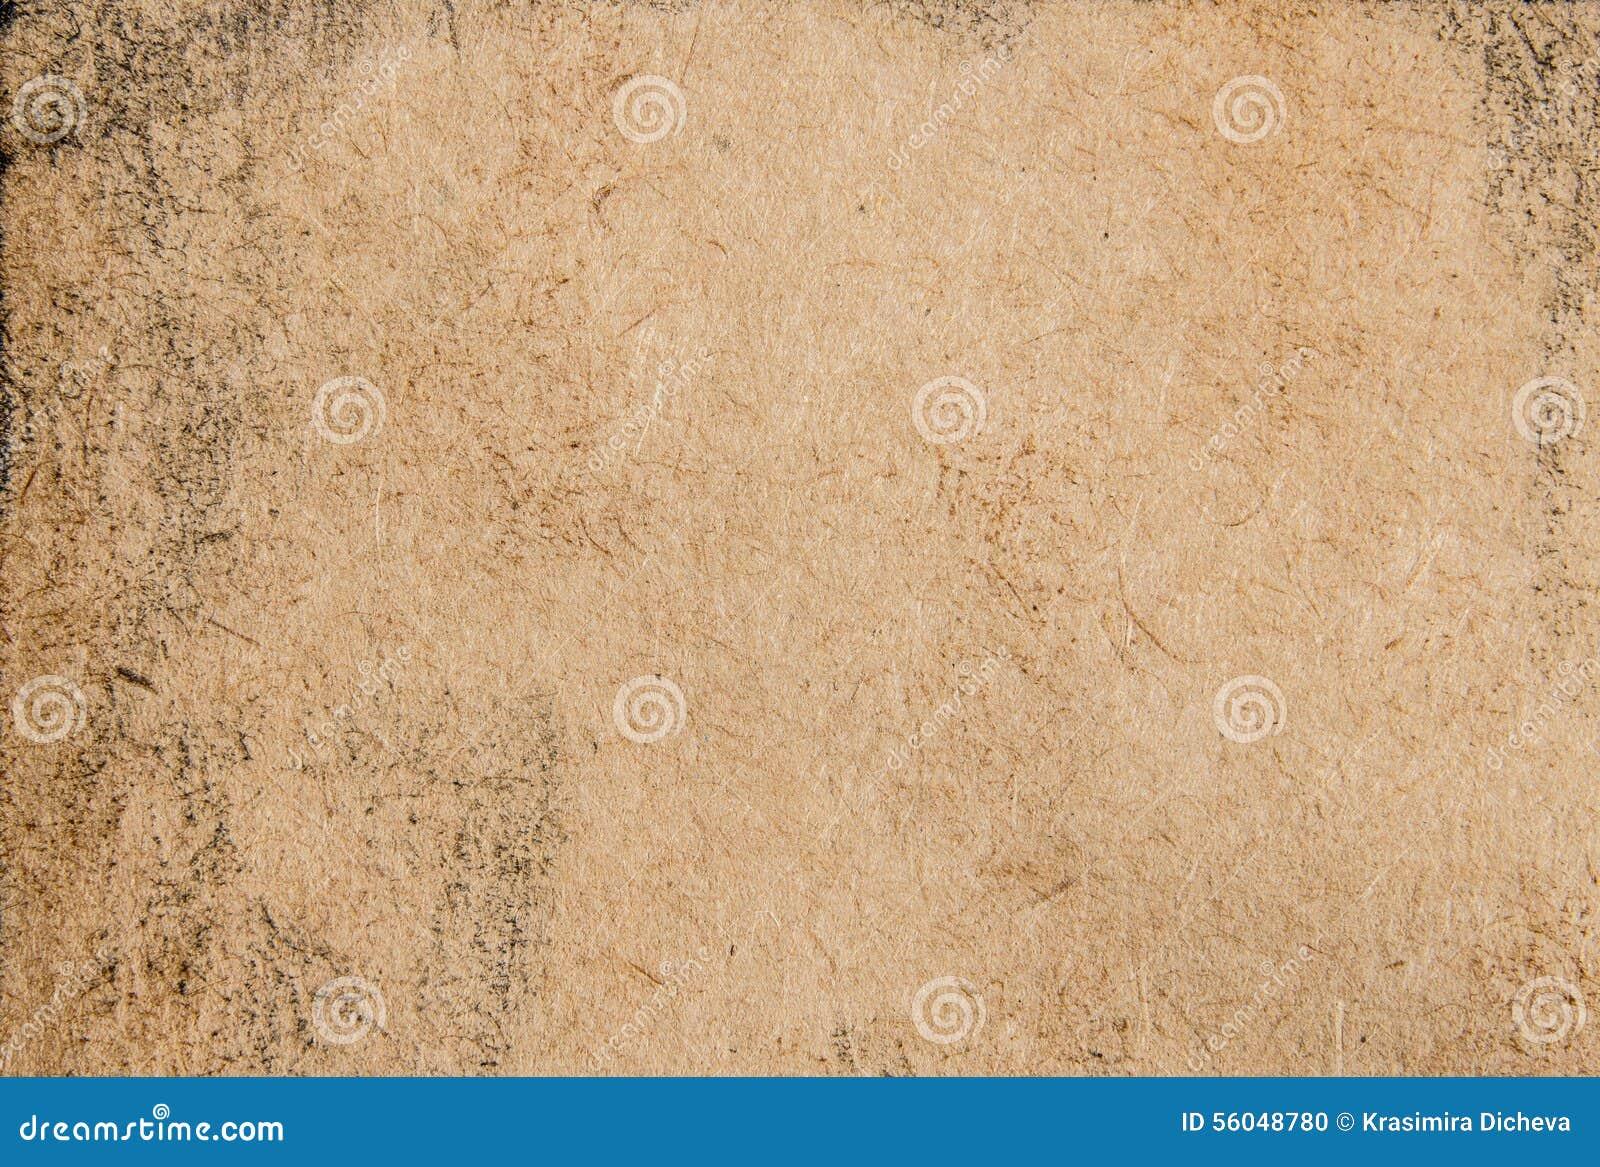 comment projeter une image sur un mur DYj